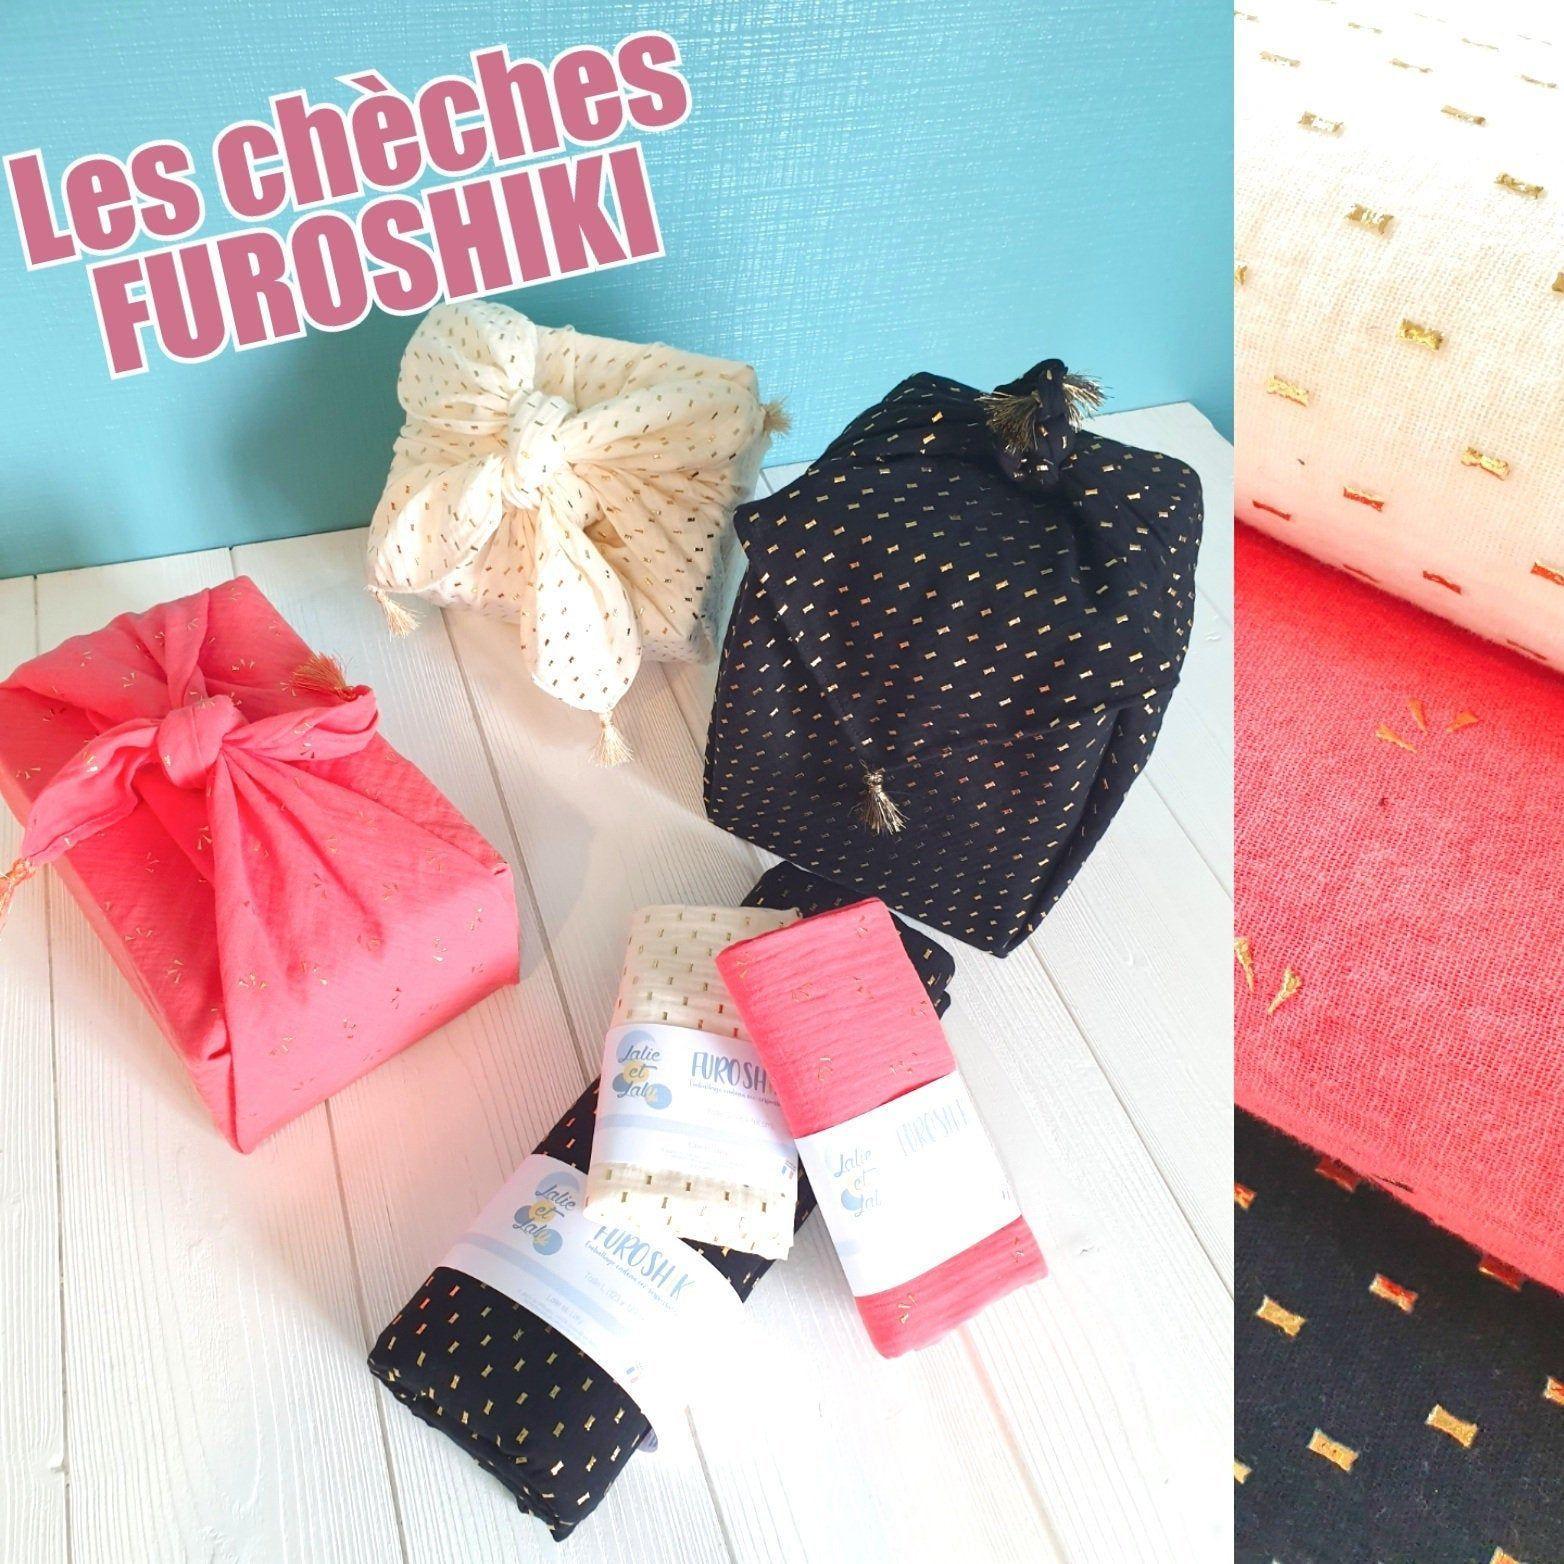 Furoshiki - Chèche - Emballage cadeau tissu éco-responsable #emballagecadeauecologique Furoshiki - Chèche - Emballage cadeau tissu éco-responsable #emballagecadeauecologique